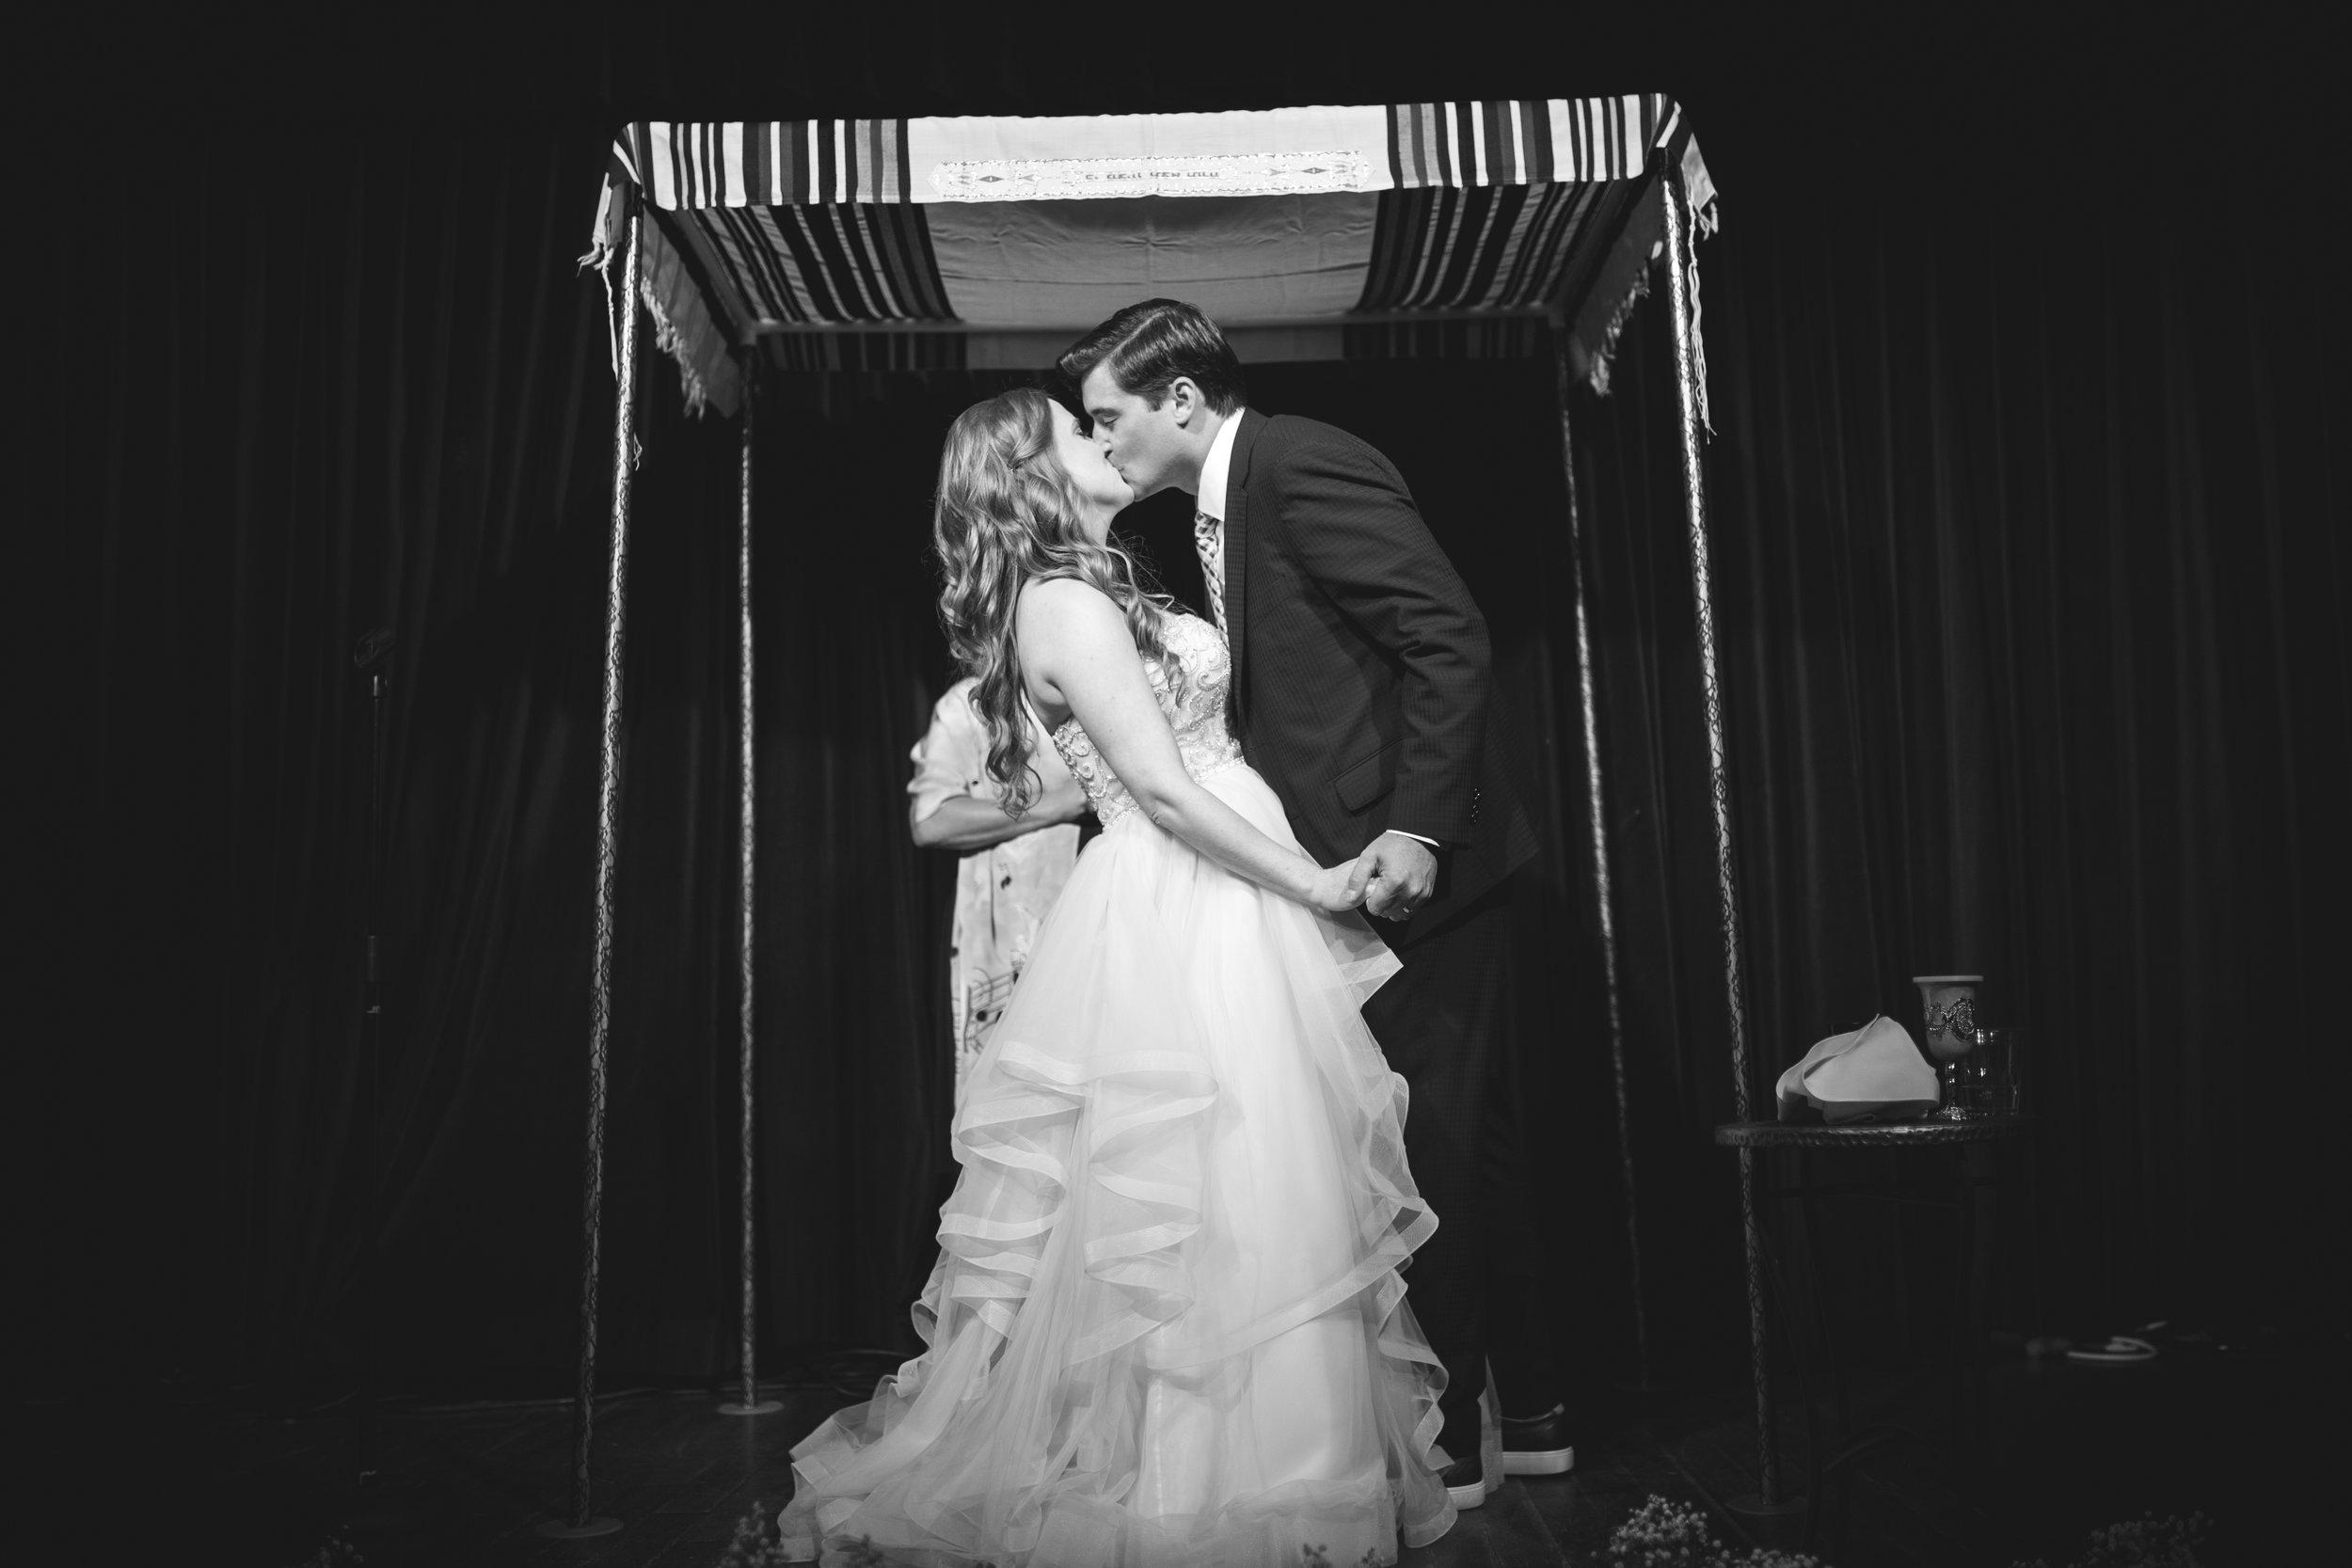 Shayna&Josh-Wedding-Gollom-623-Edit.jpg